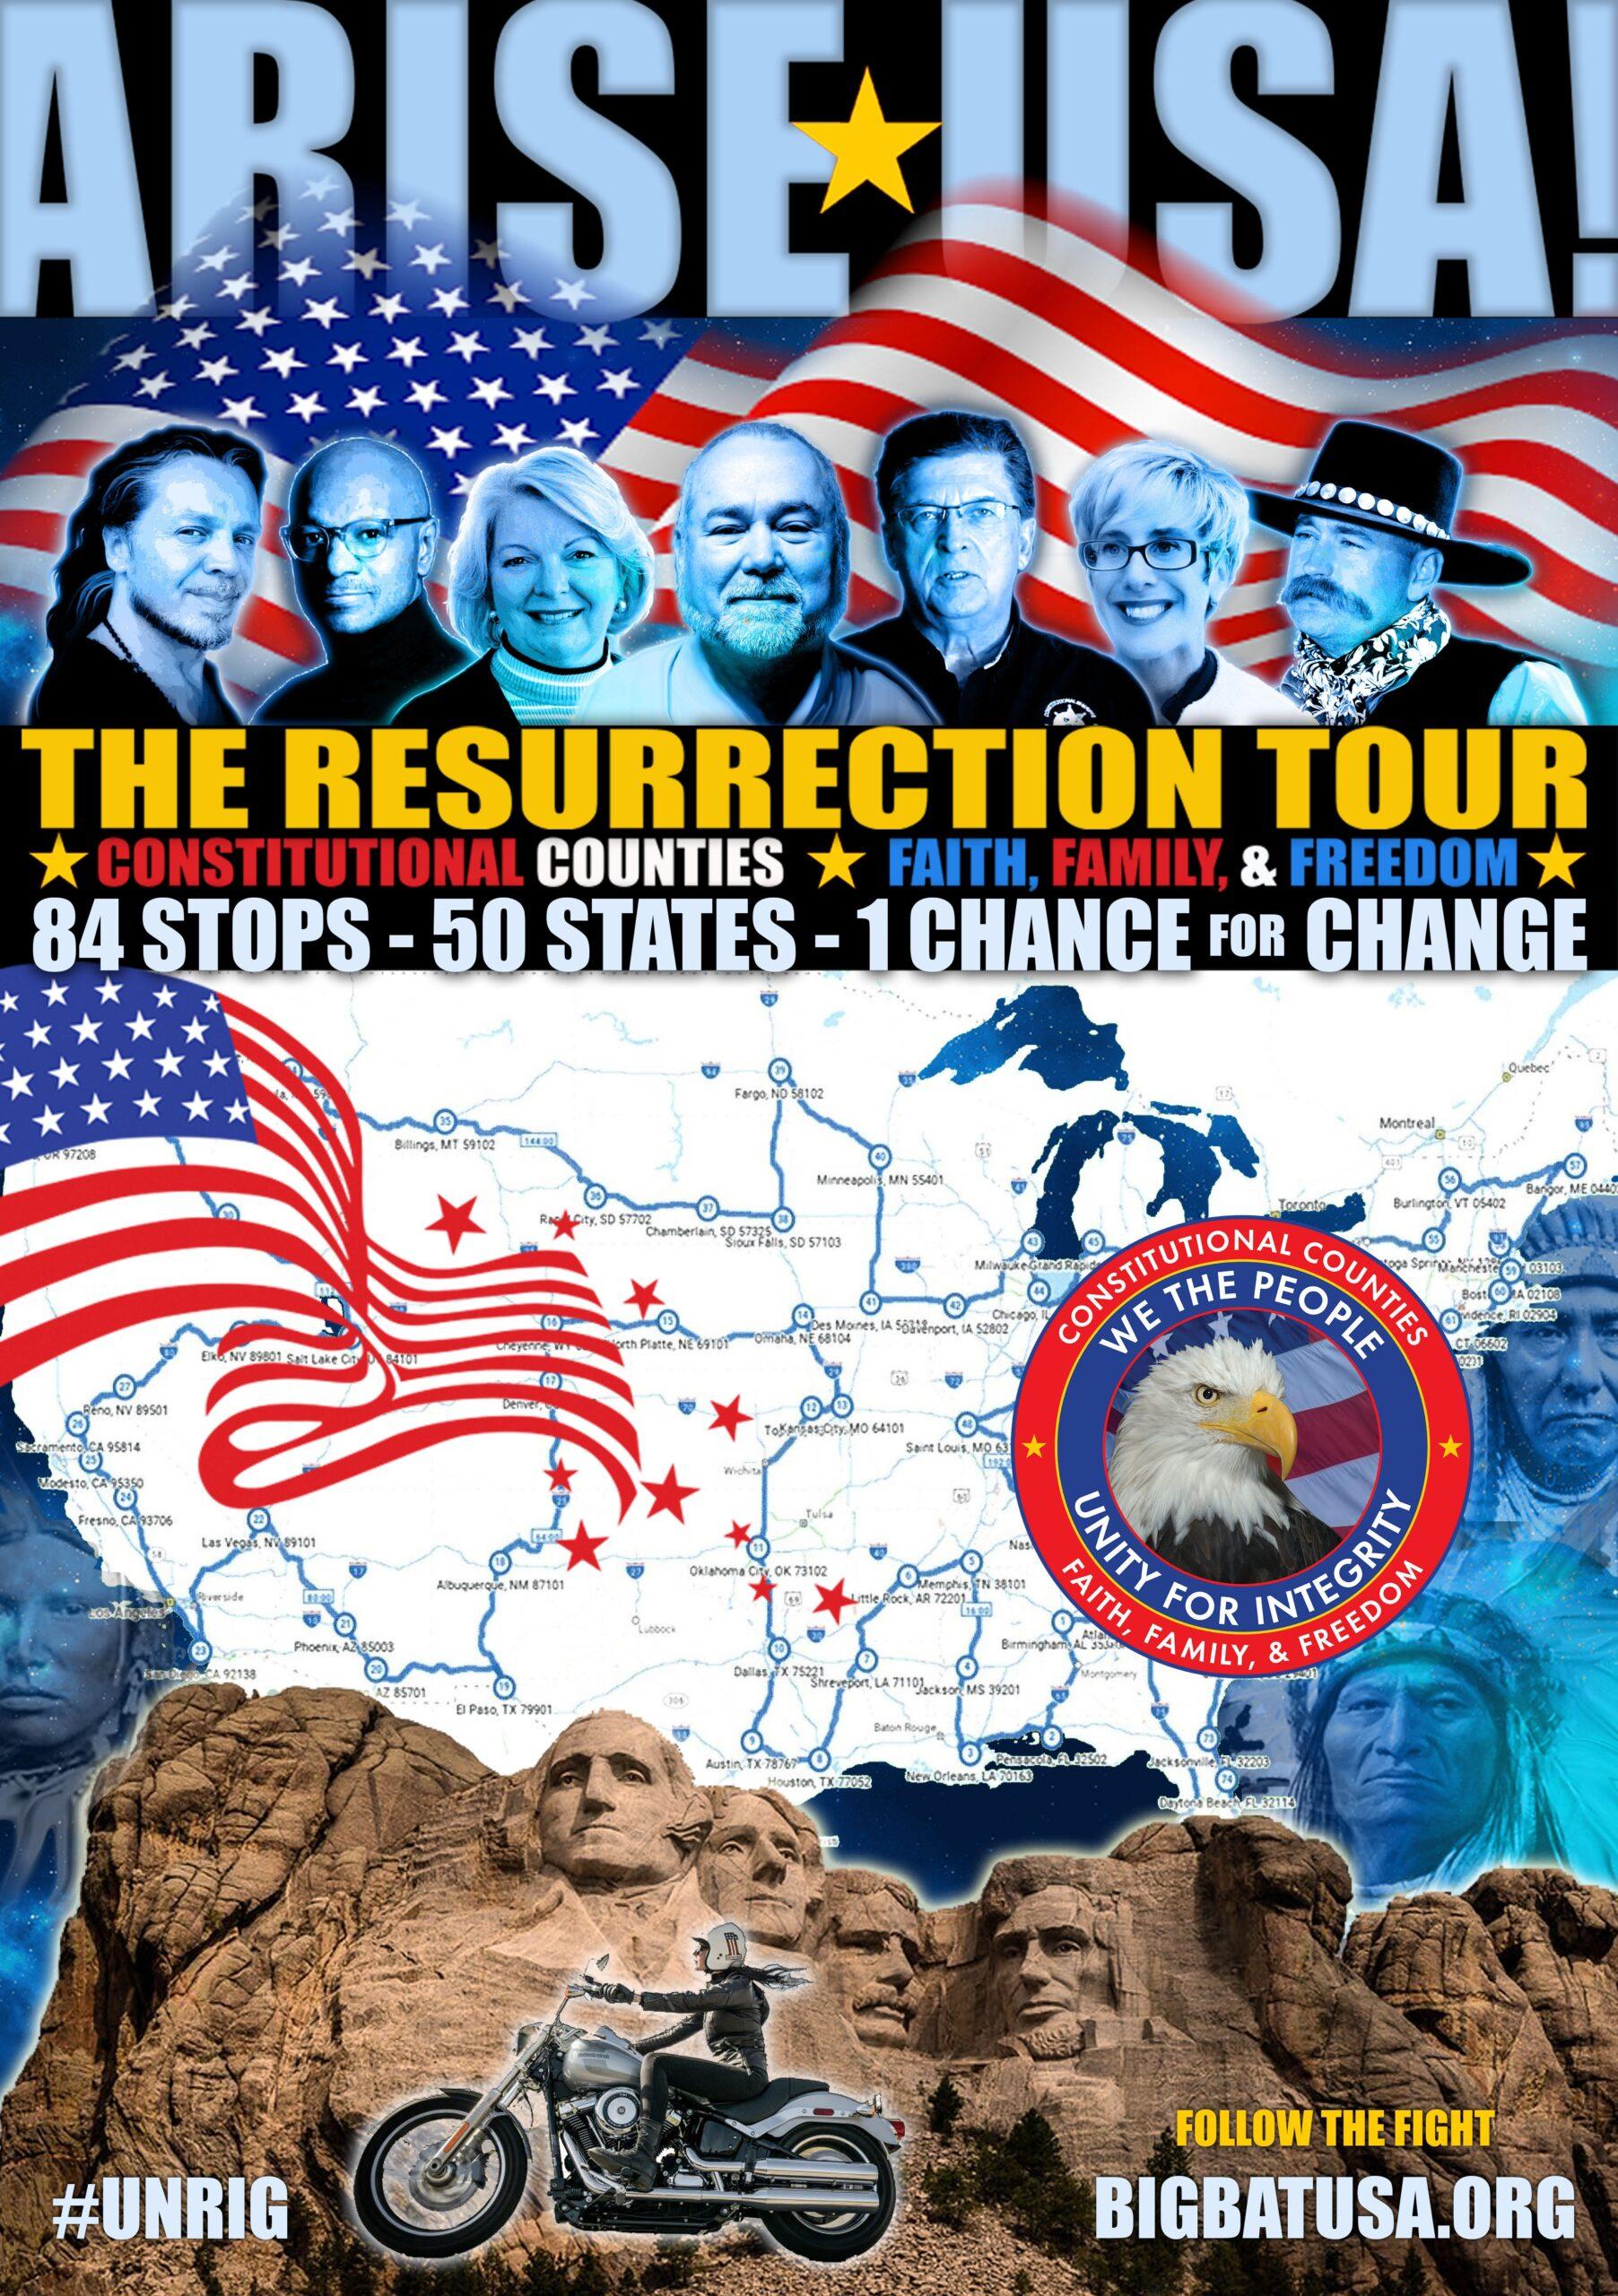 ARISE USA: The Resurrection Tour